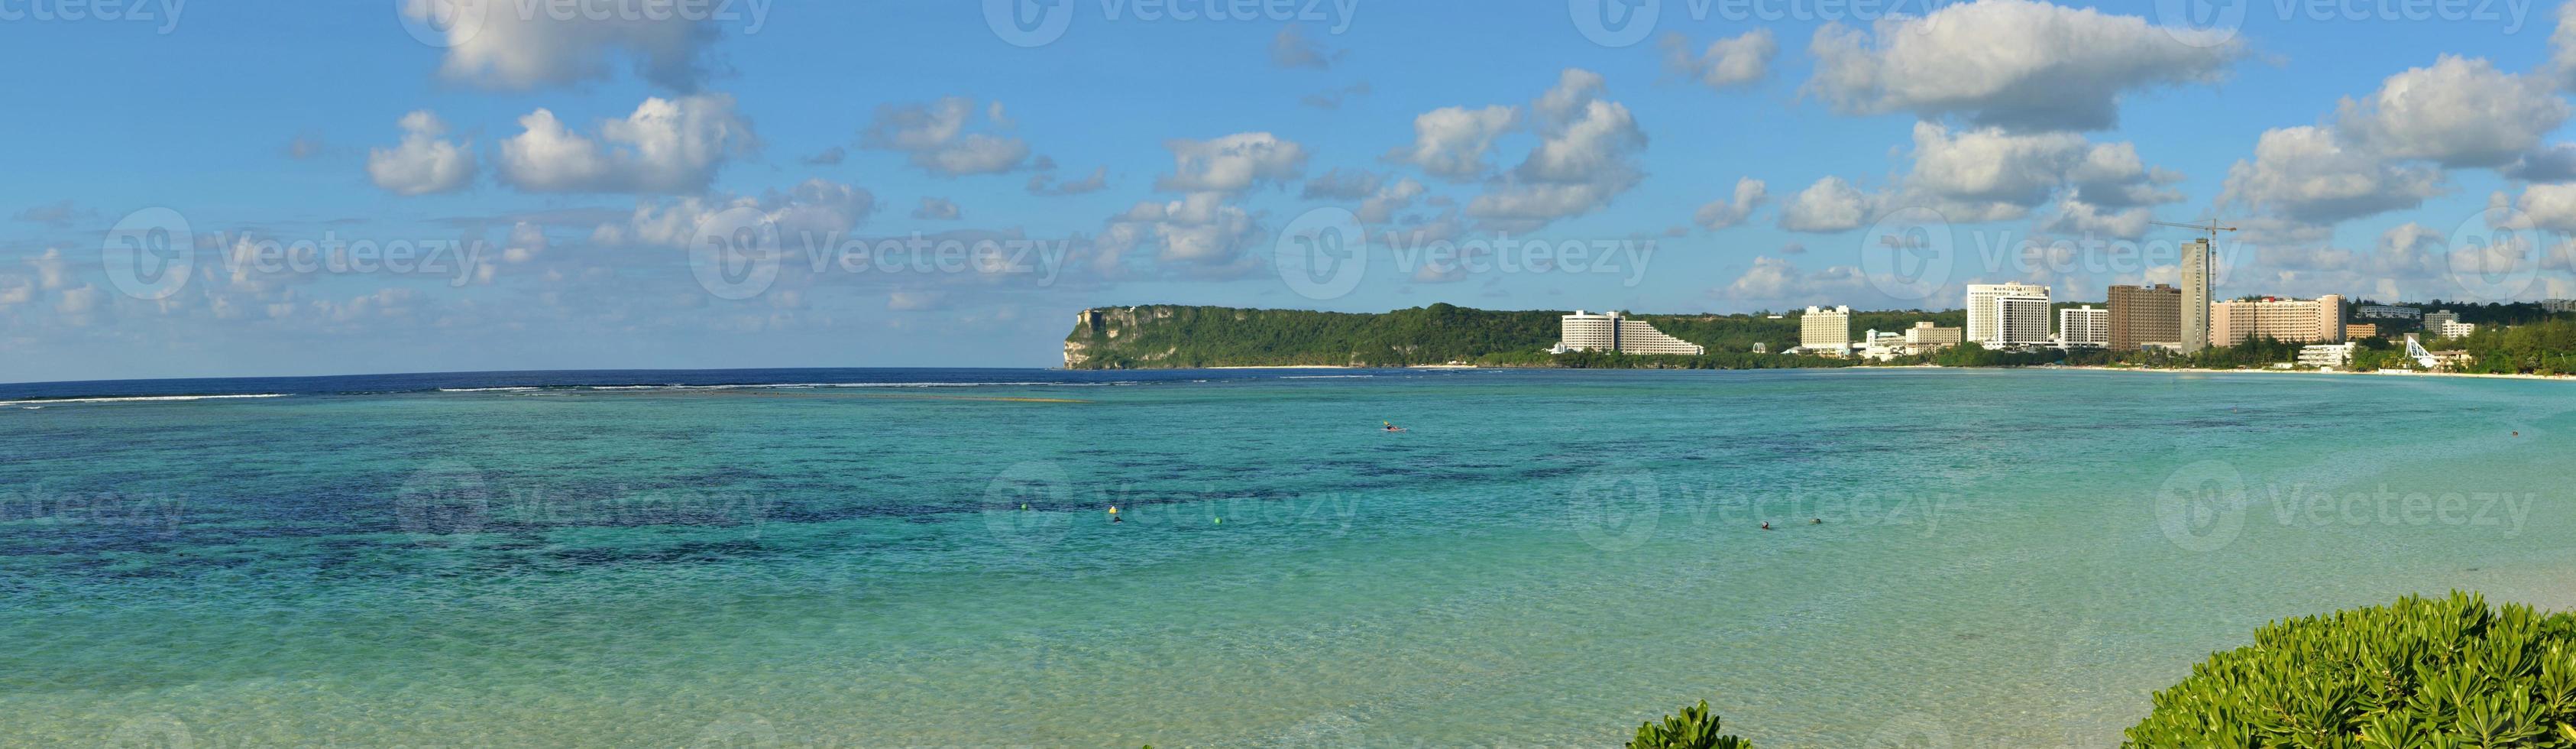 panorama de plage île tropicale photo